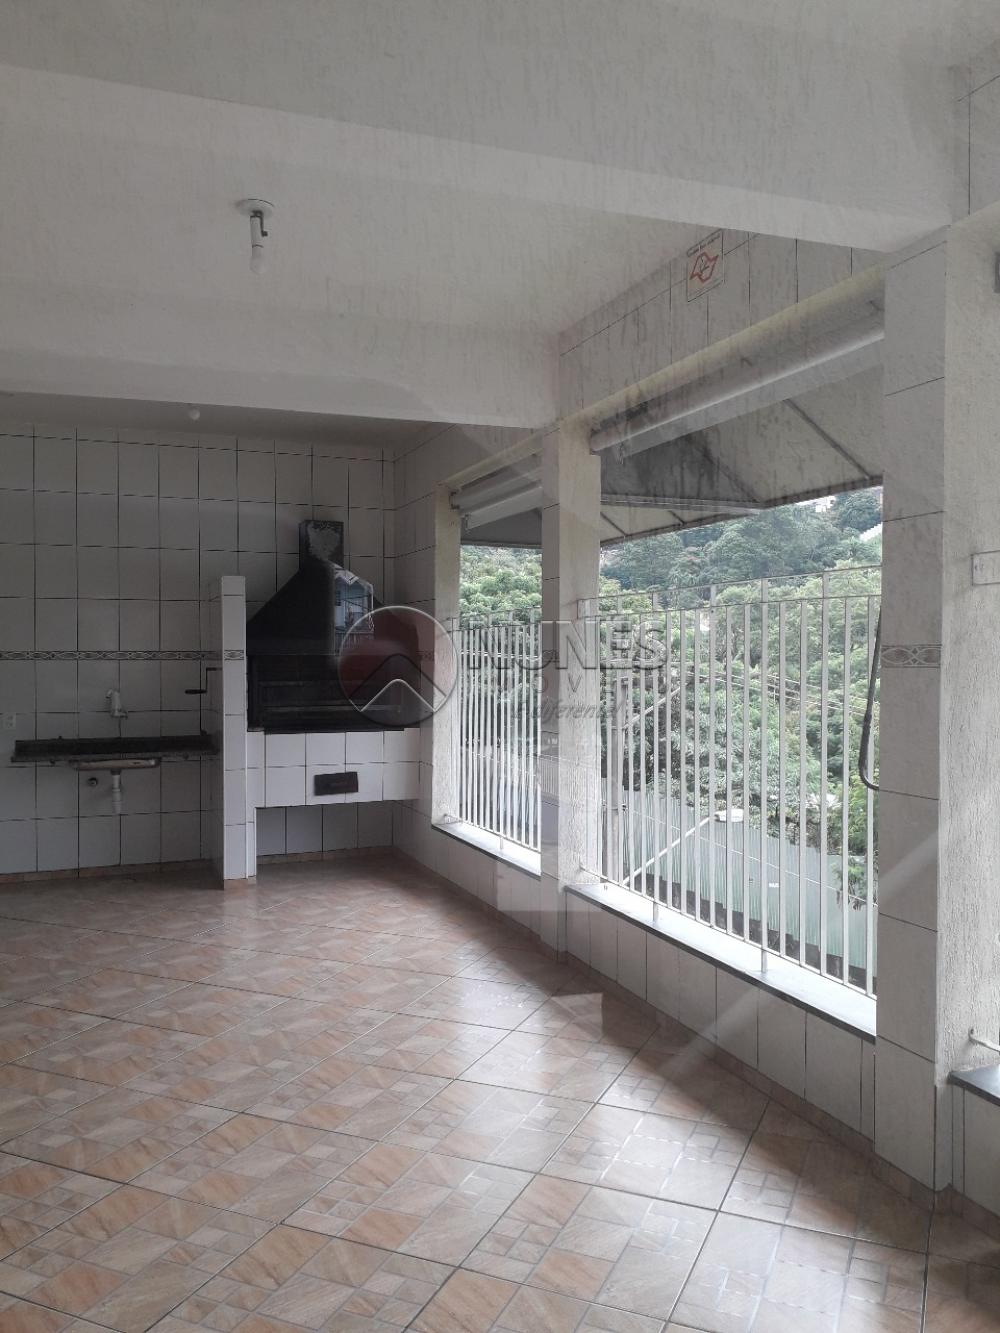 Alugar Casa / Sobrado em Condominio em São Paulo apenas R$ 1.000,00 - Foto 24